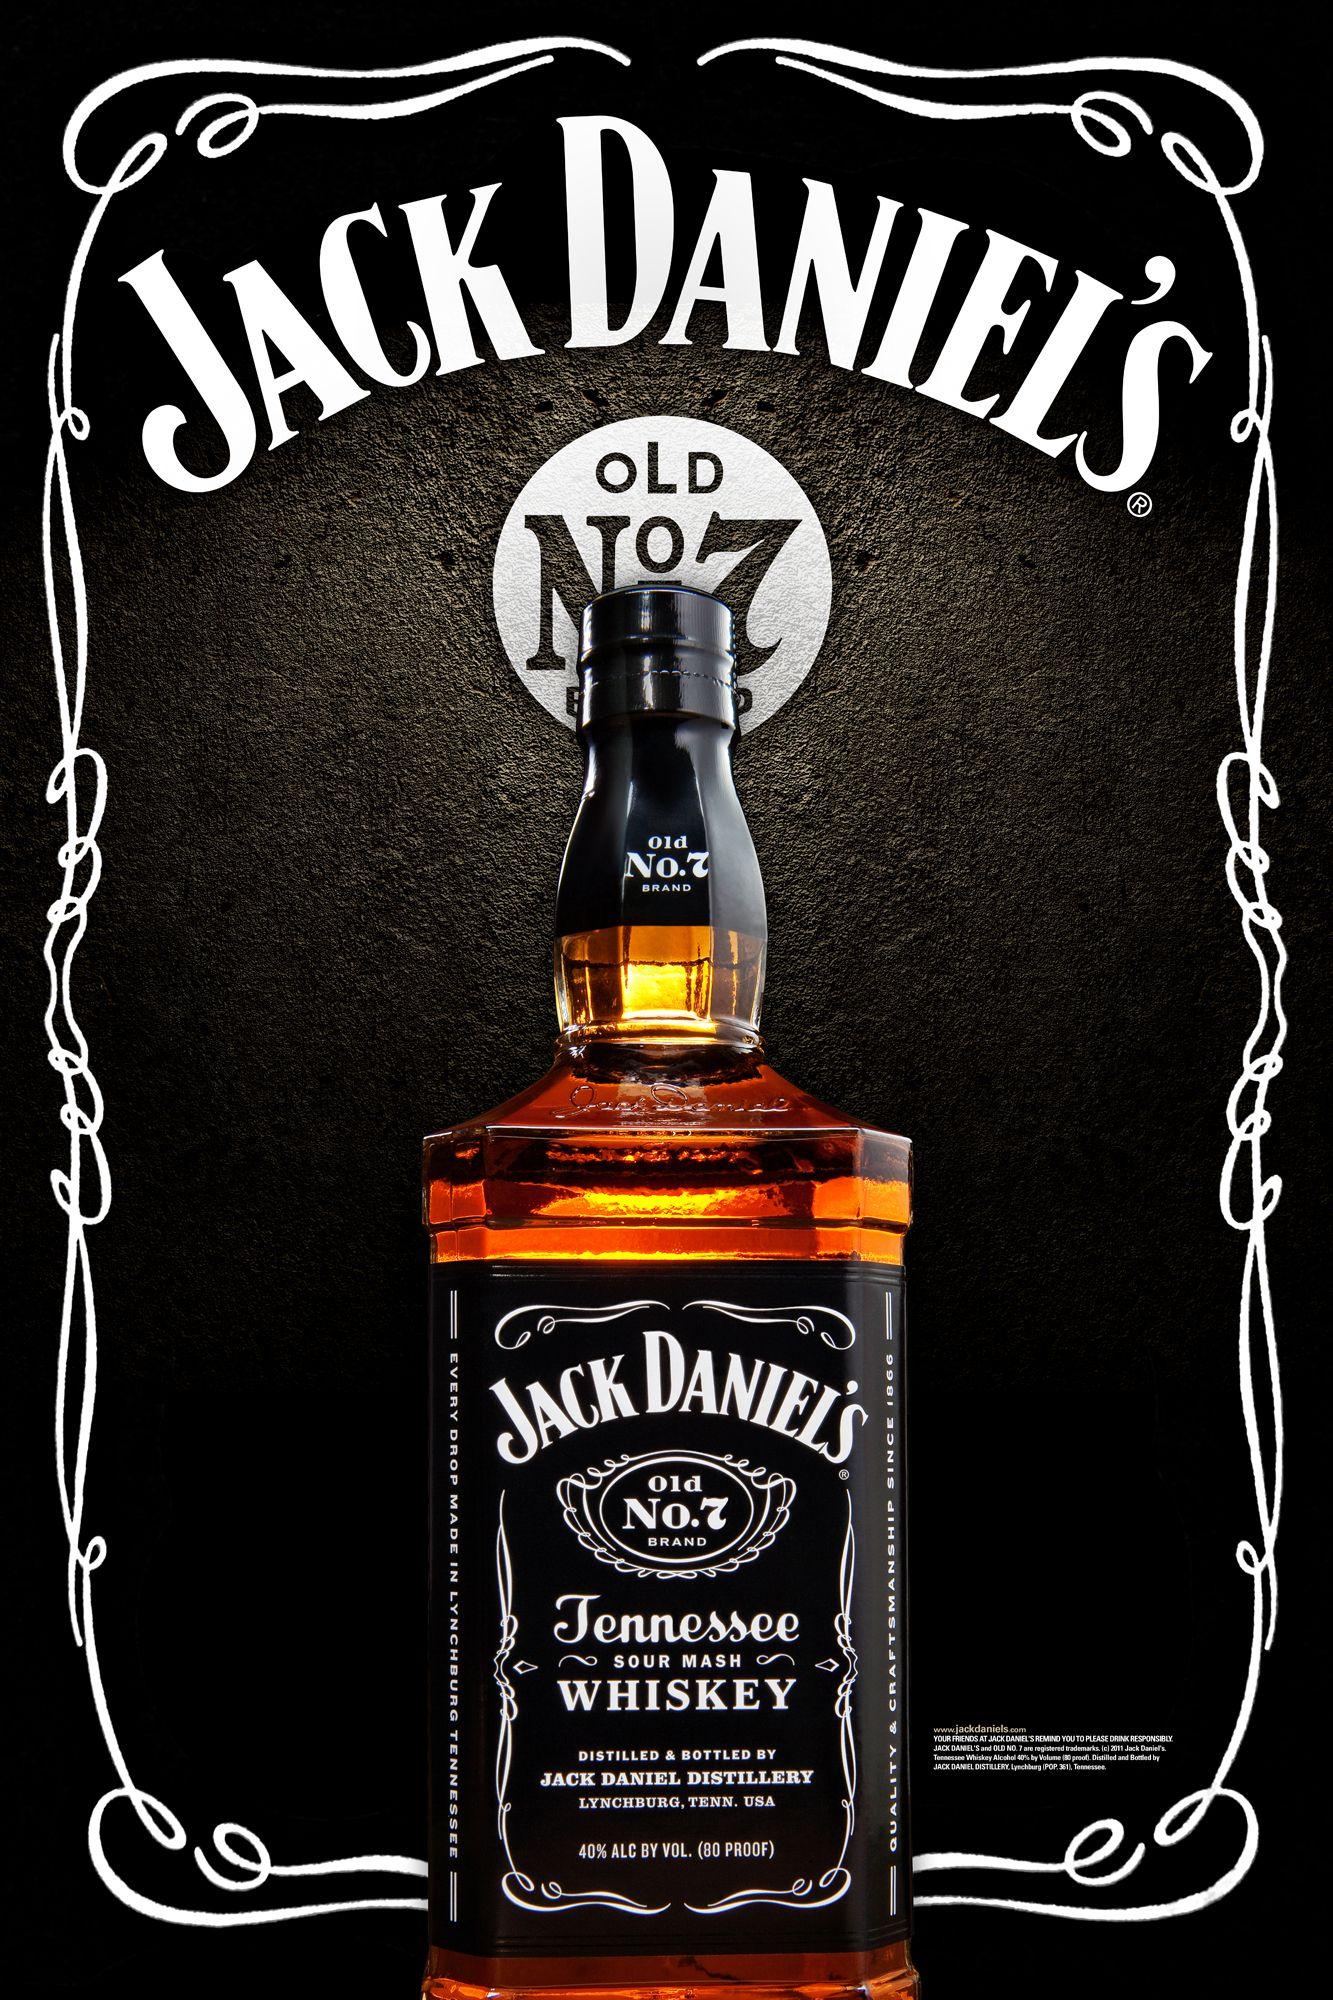 Jack Daniels Whiskey Ad Pôster de cerveja, Garrafa de